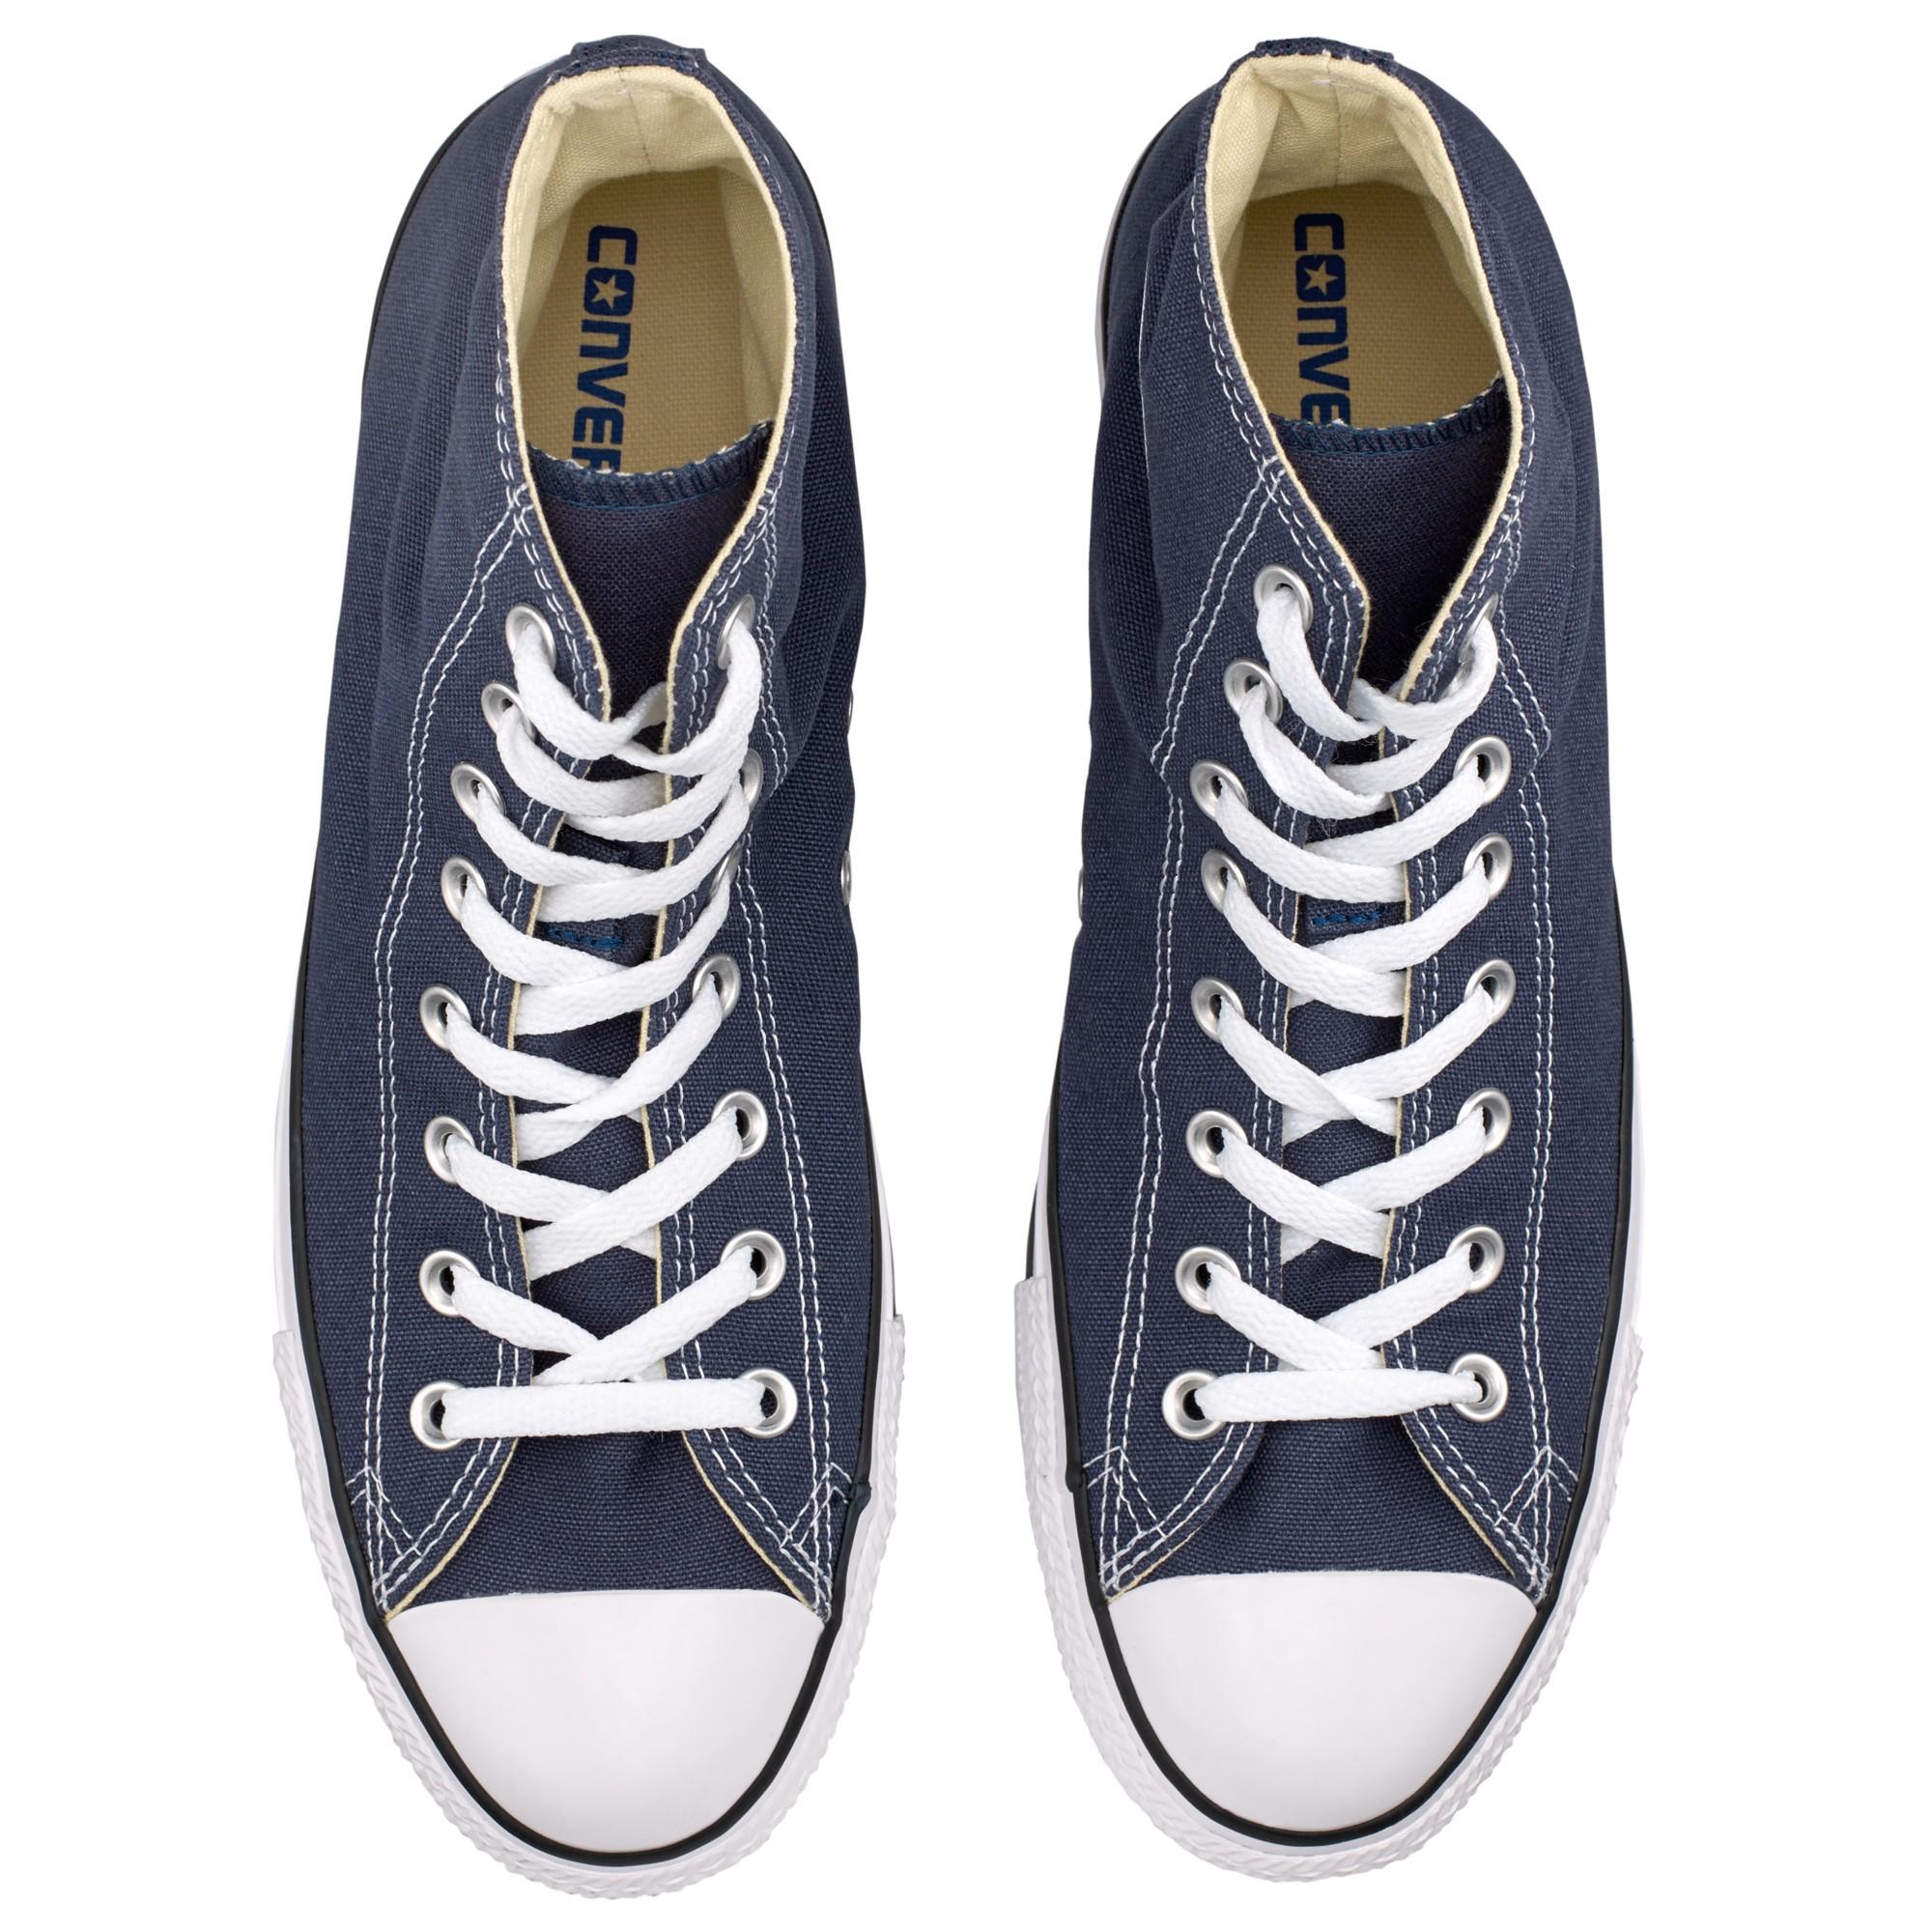 Blue Mens Converse Shoes